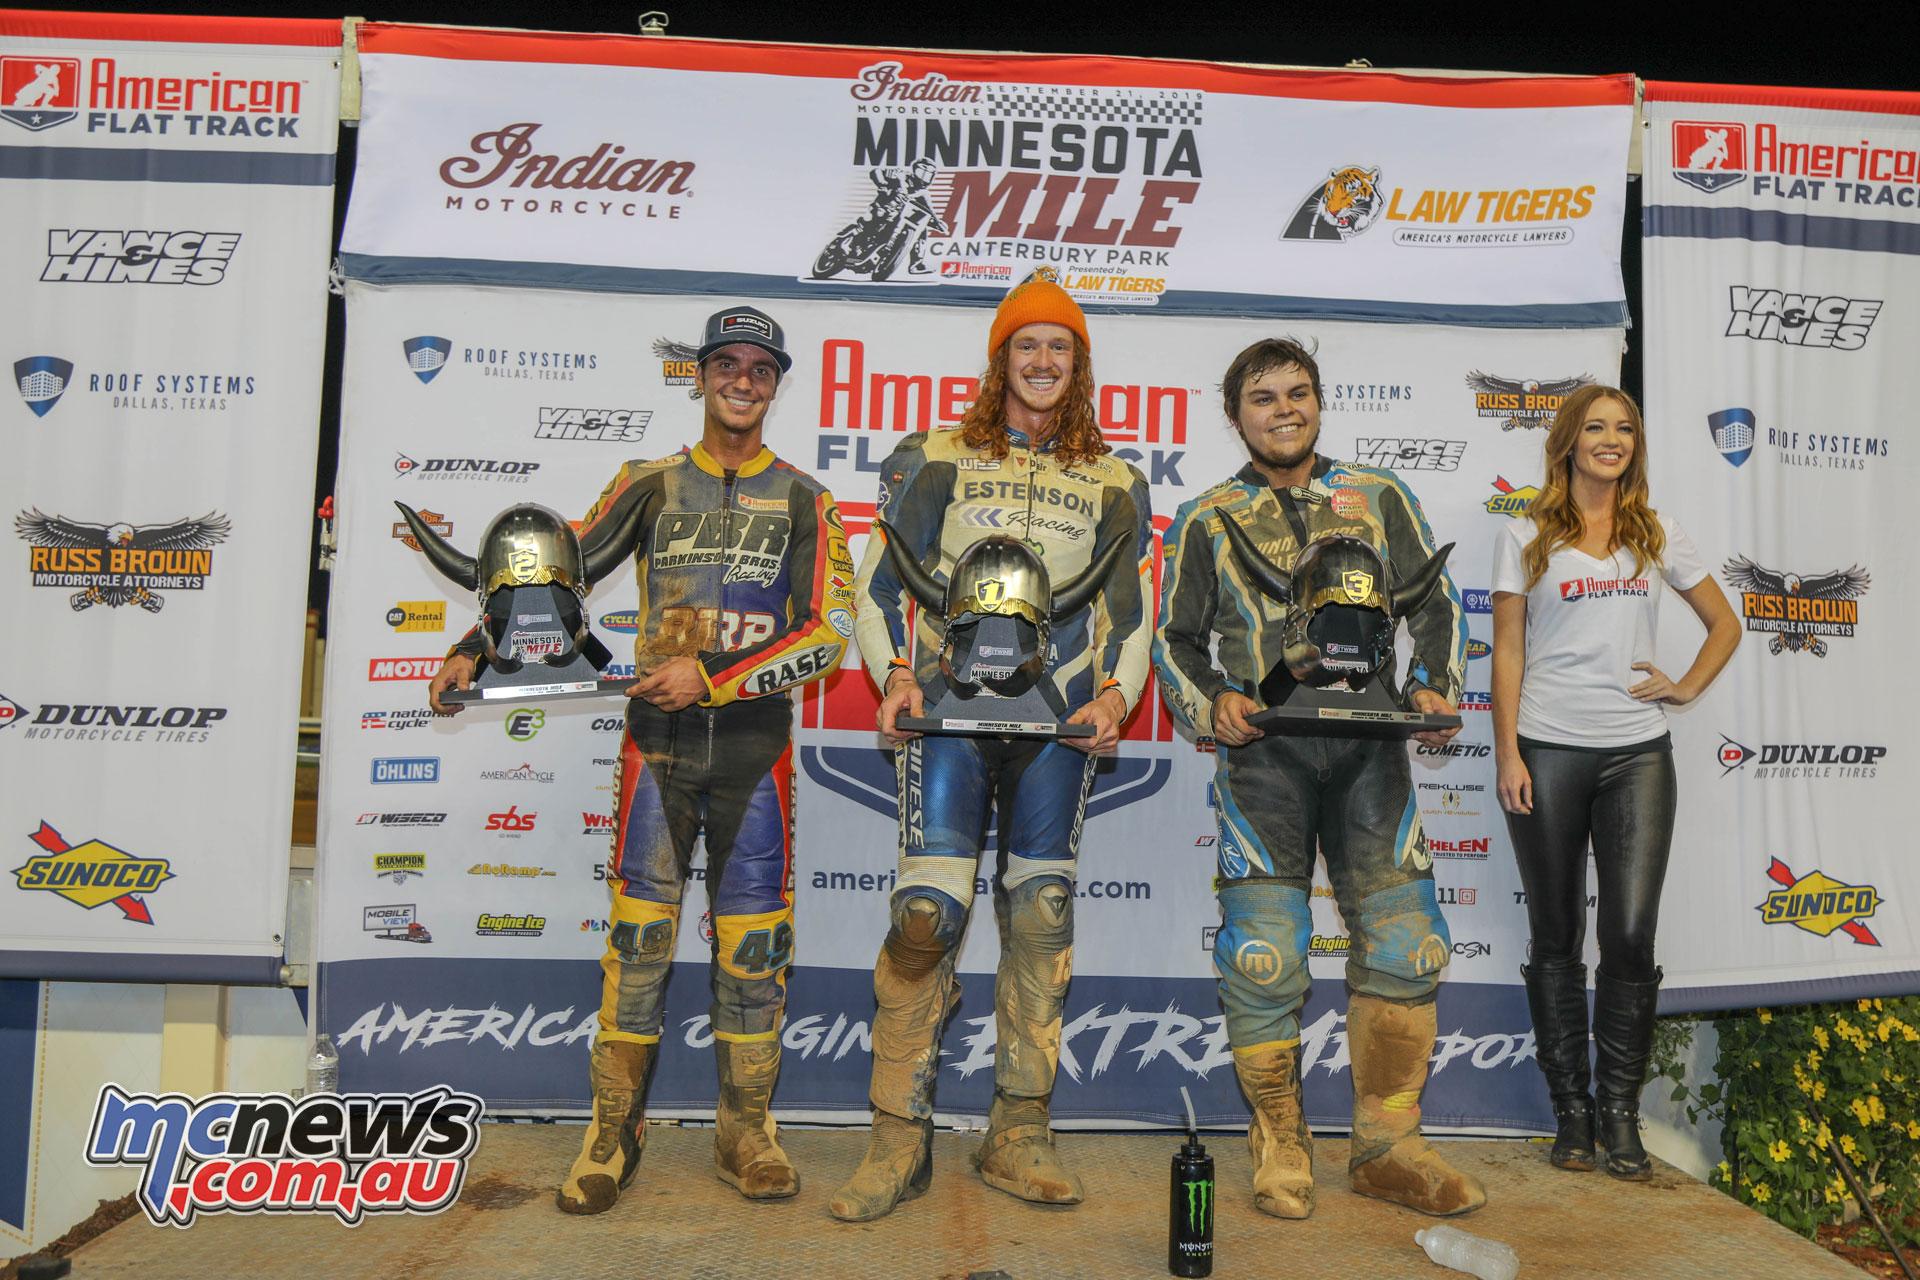 AFT Rnd Minnesota Mile Prod Twins Podium FA